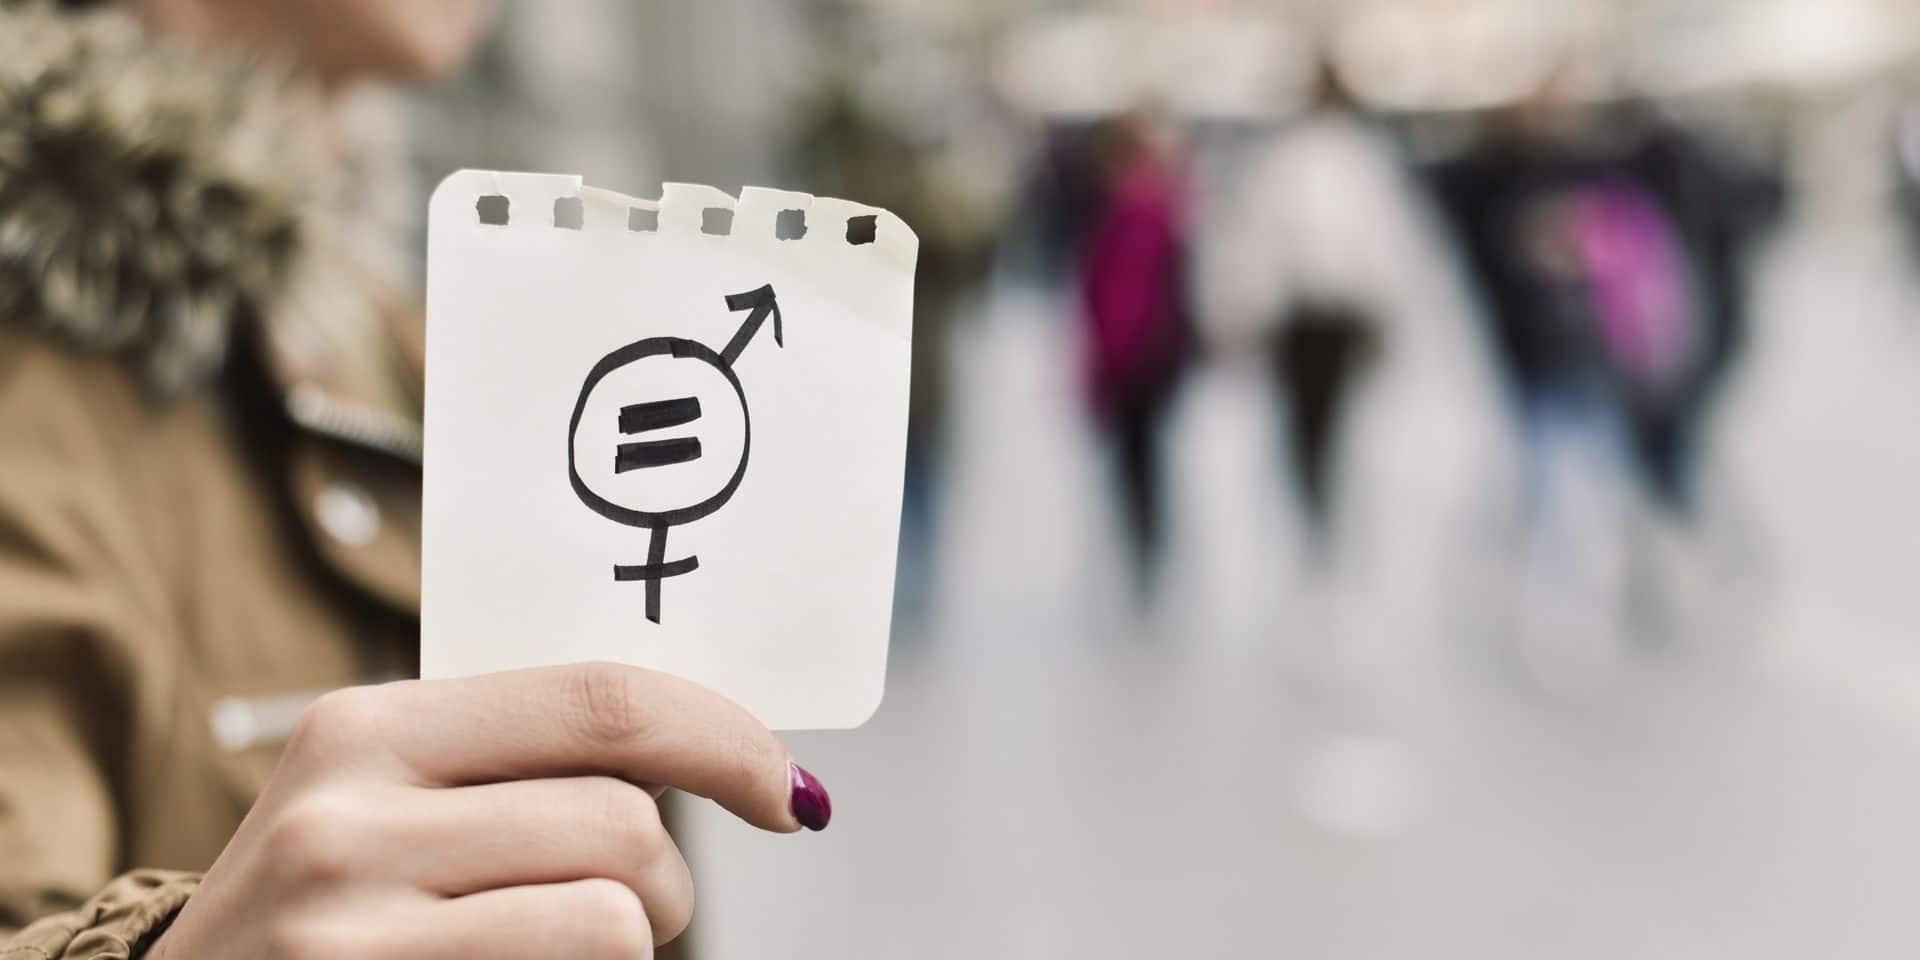 Dans 57 pays, une femme sur deux est privée du droit à disposer de son corps rapporte l'ONU